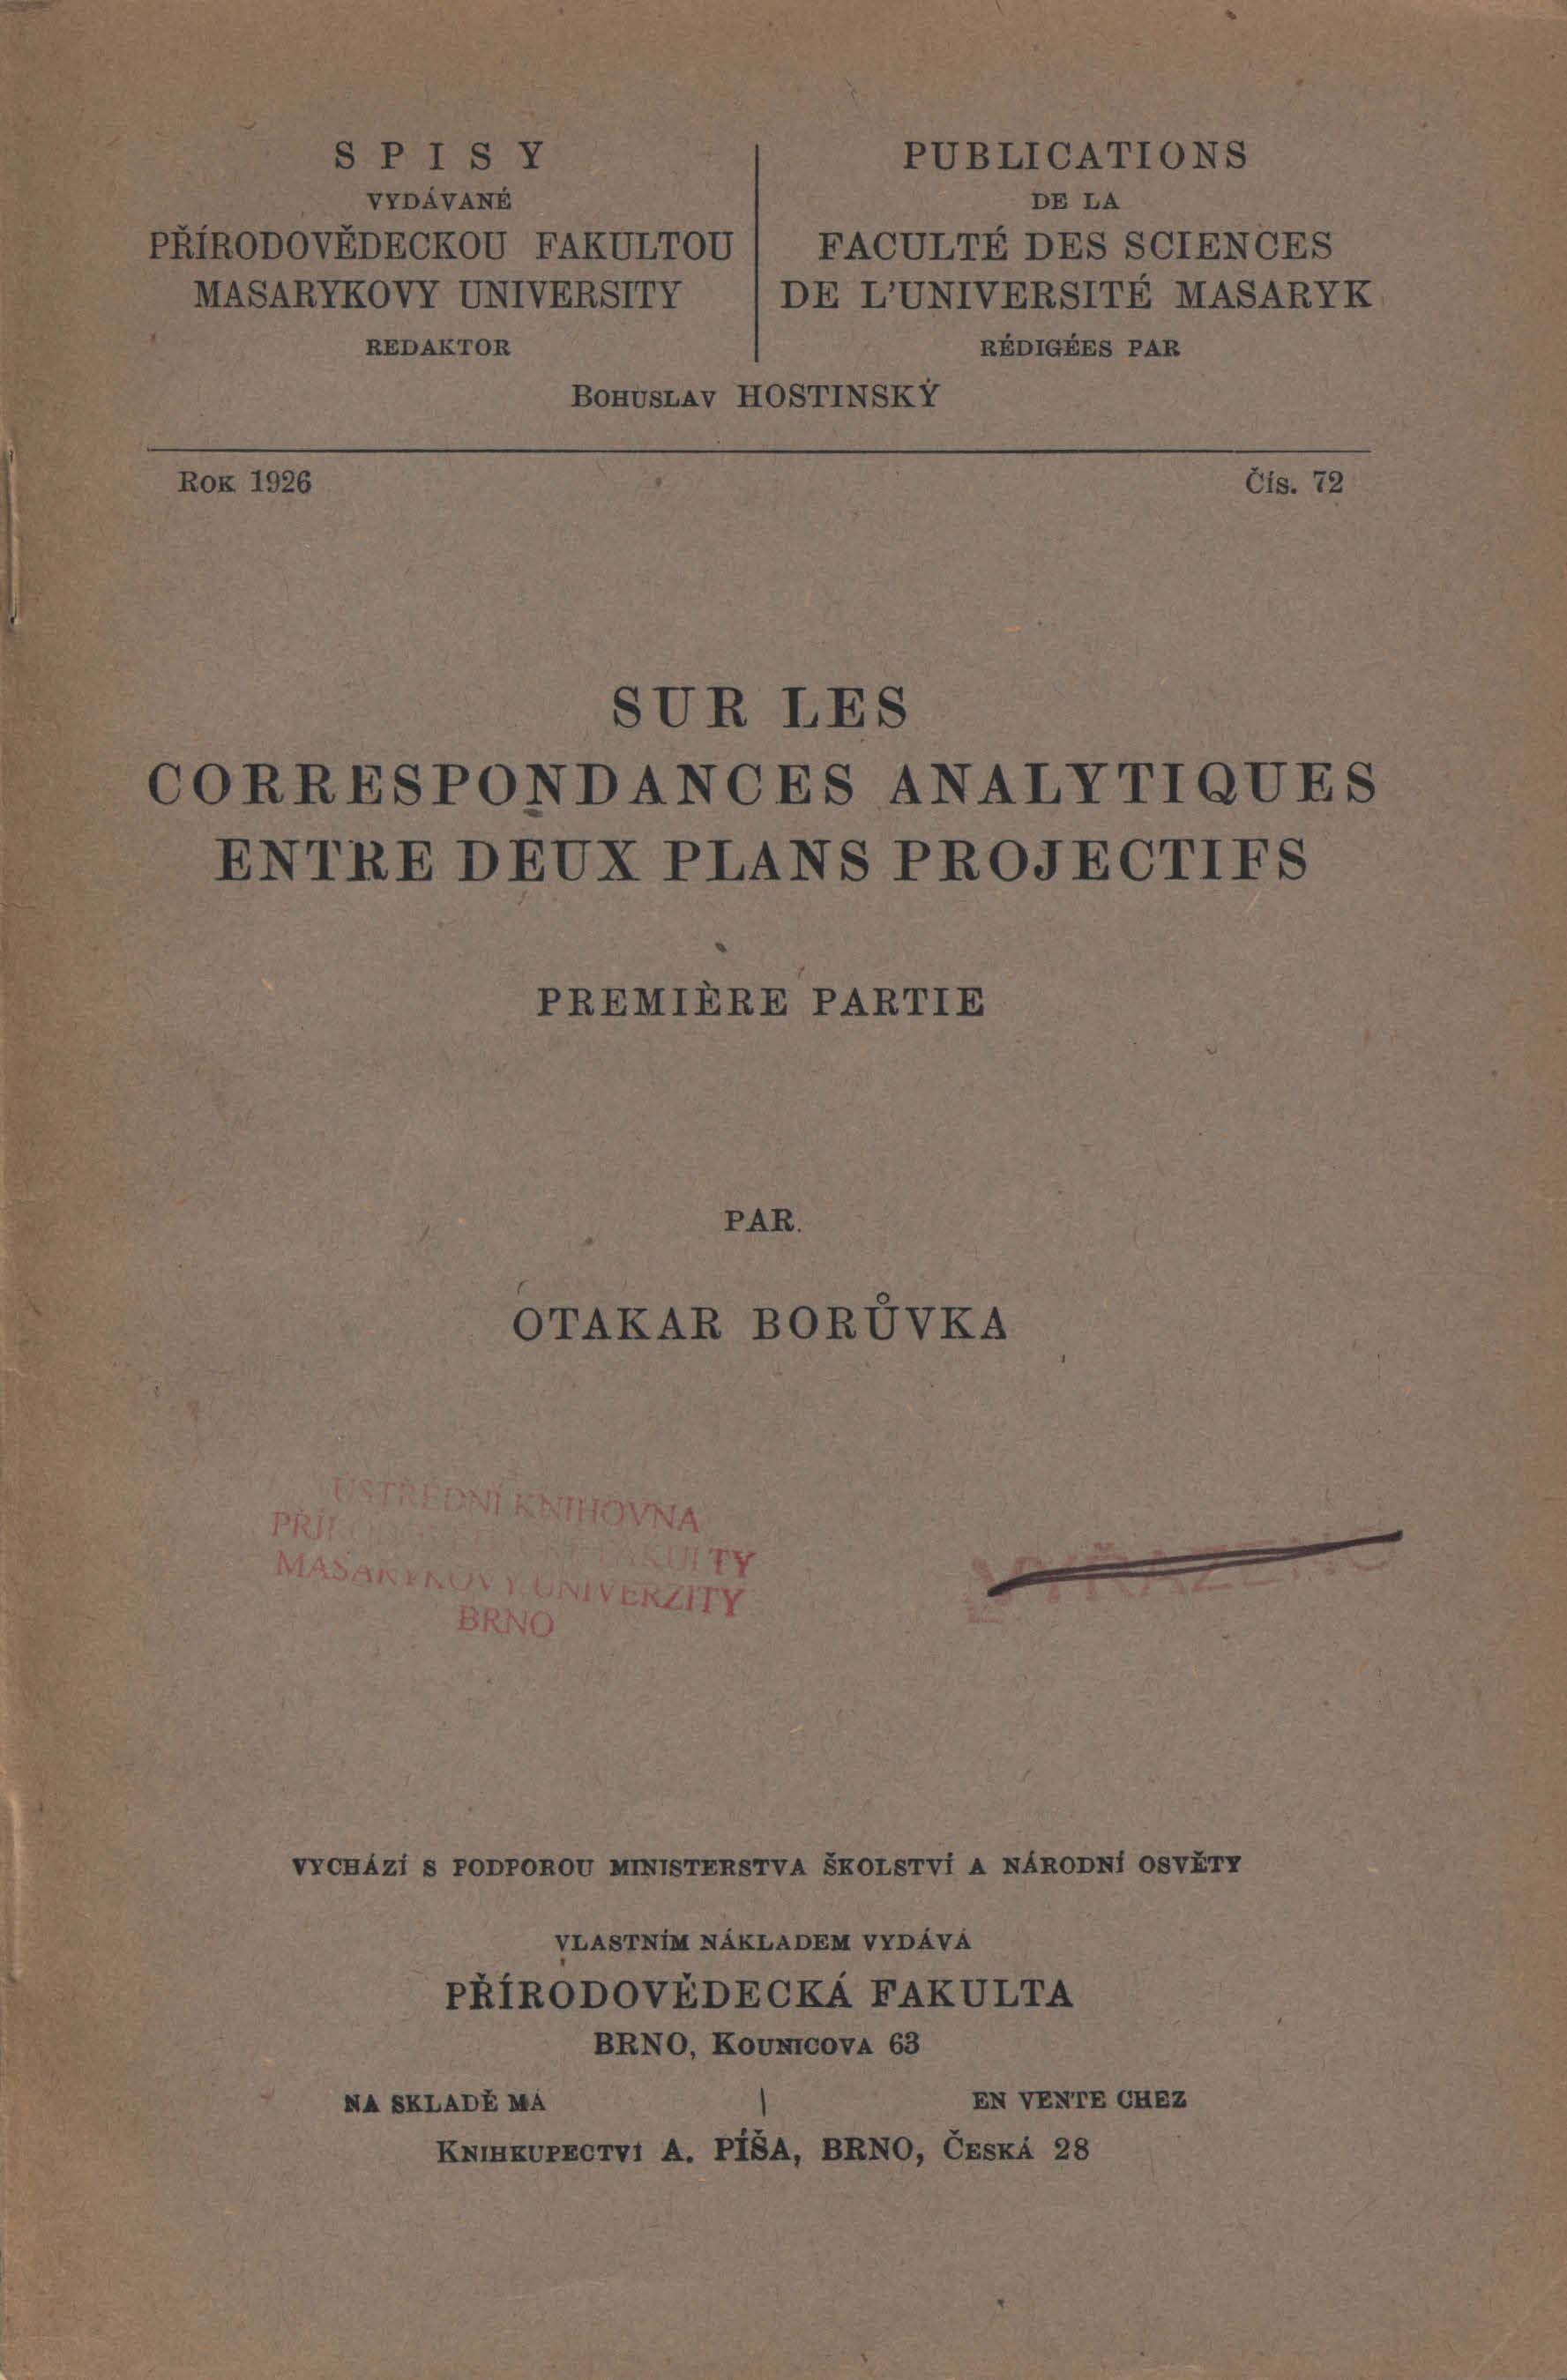 Obálka pro Sur les correspondances analytiques entre deux plans projectifs. Premiere partie